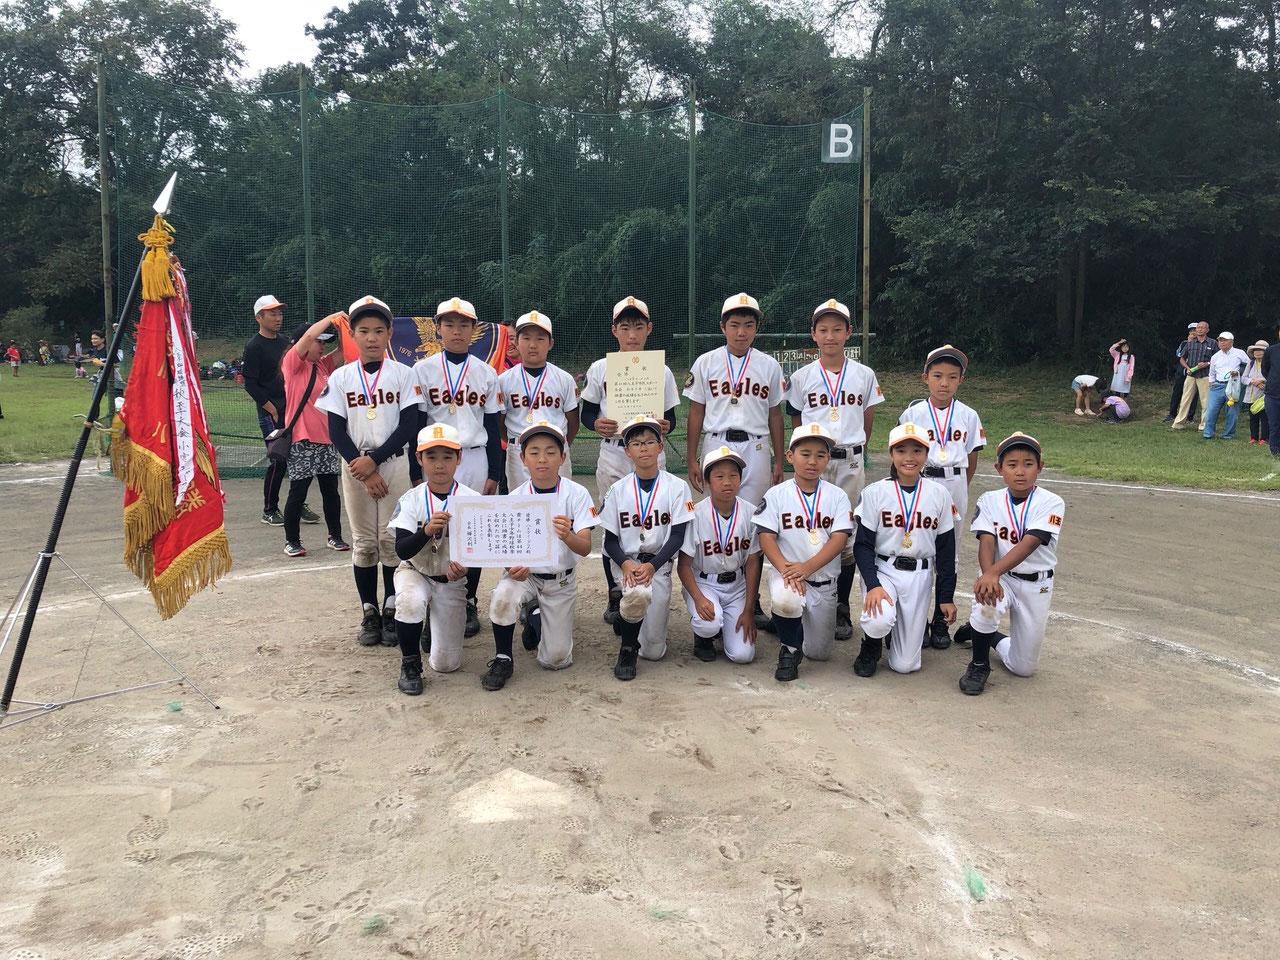 第44回 八王子市少年軟式野球 秋季大会 優勝・八王子イーグルス 令和元年10月6日